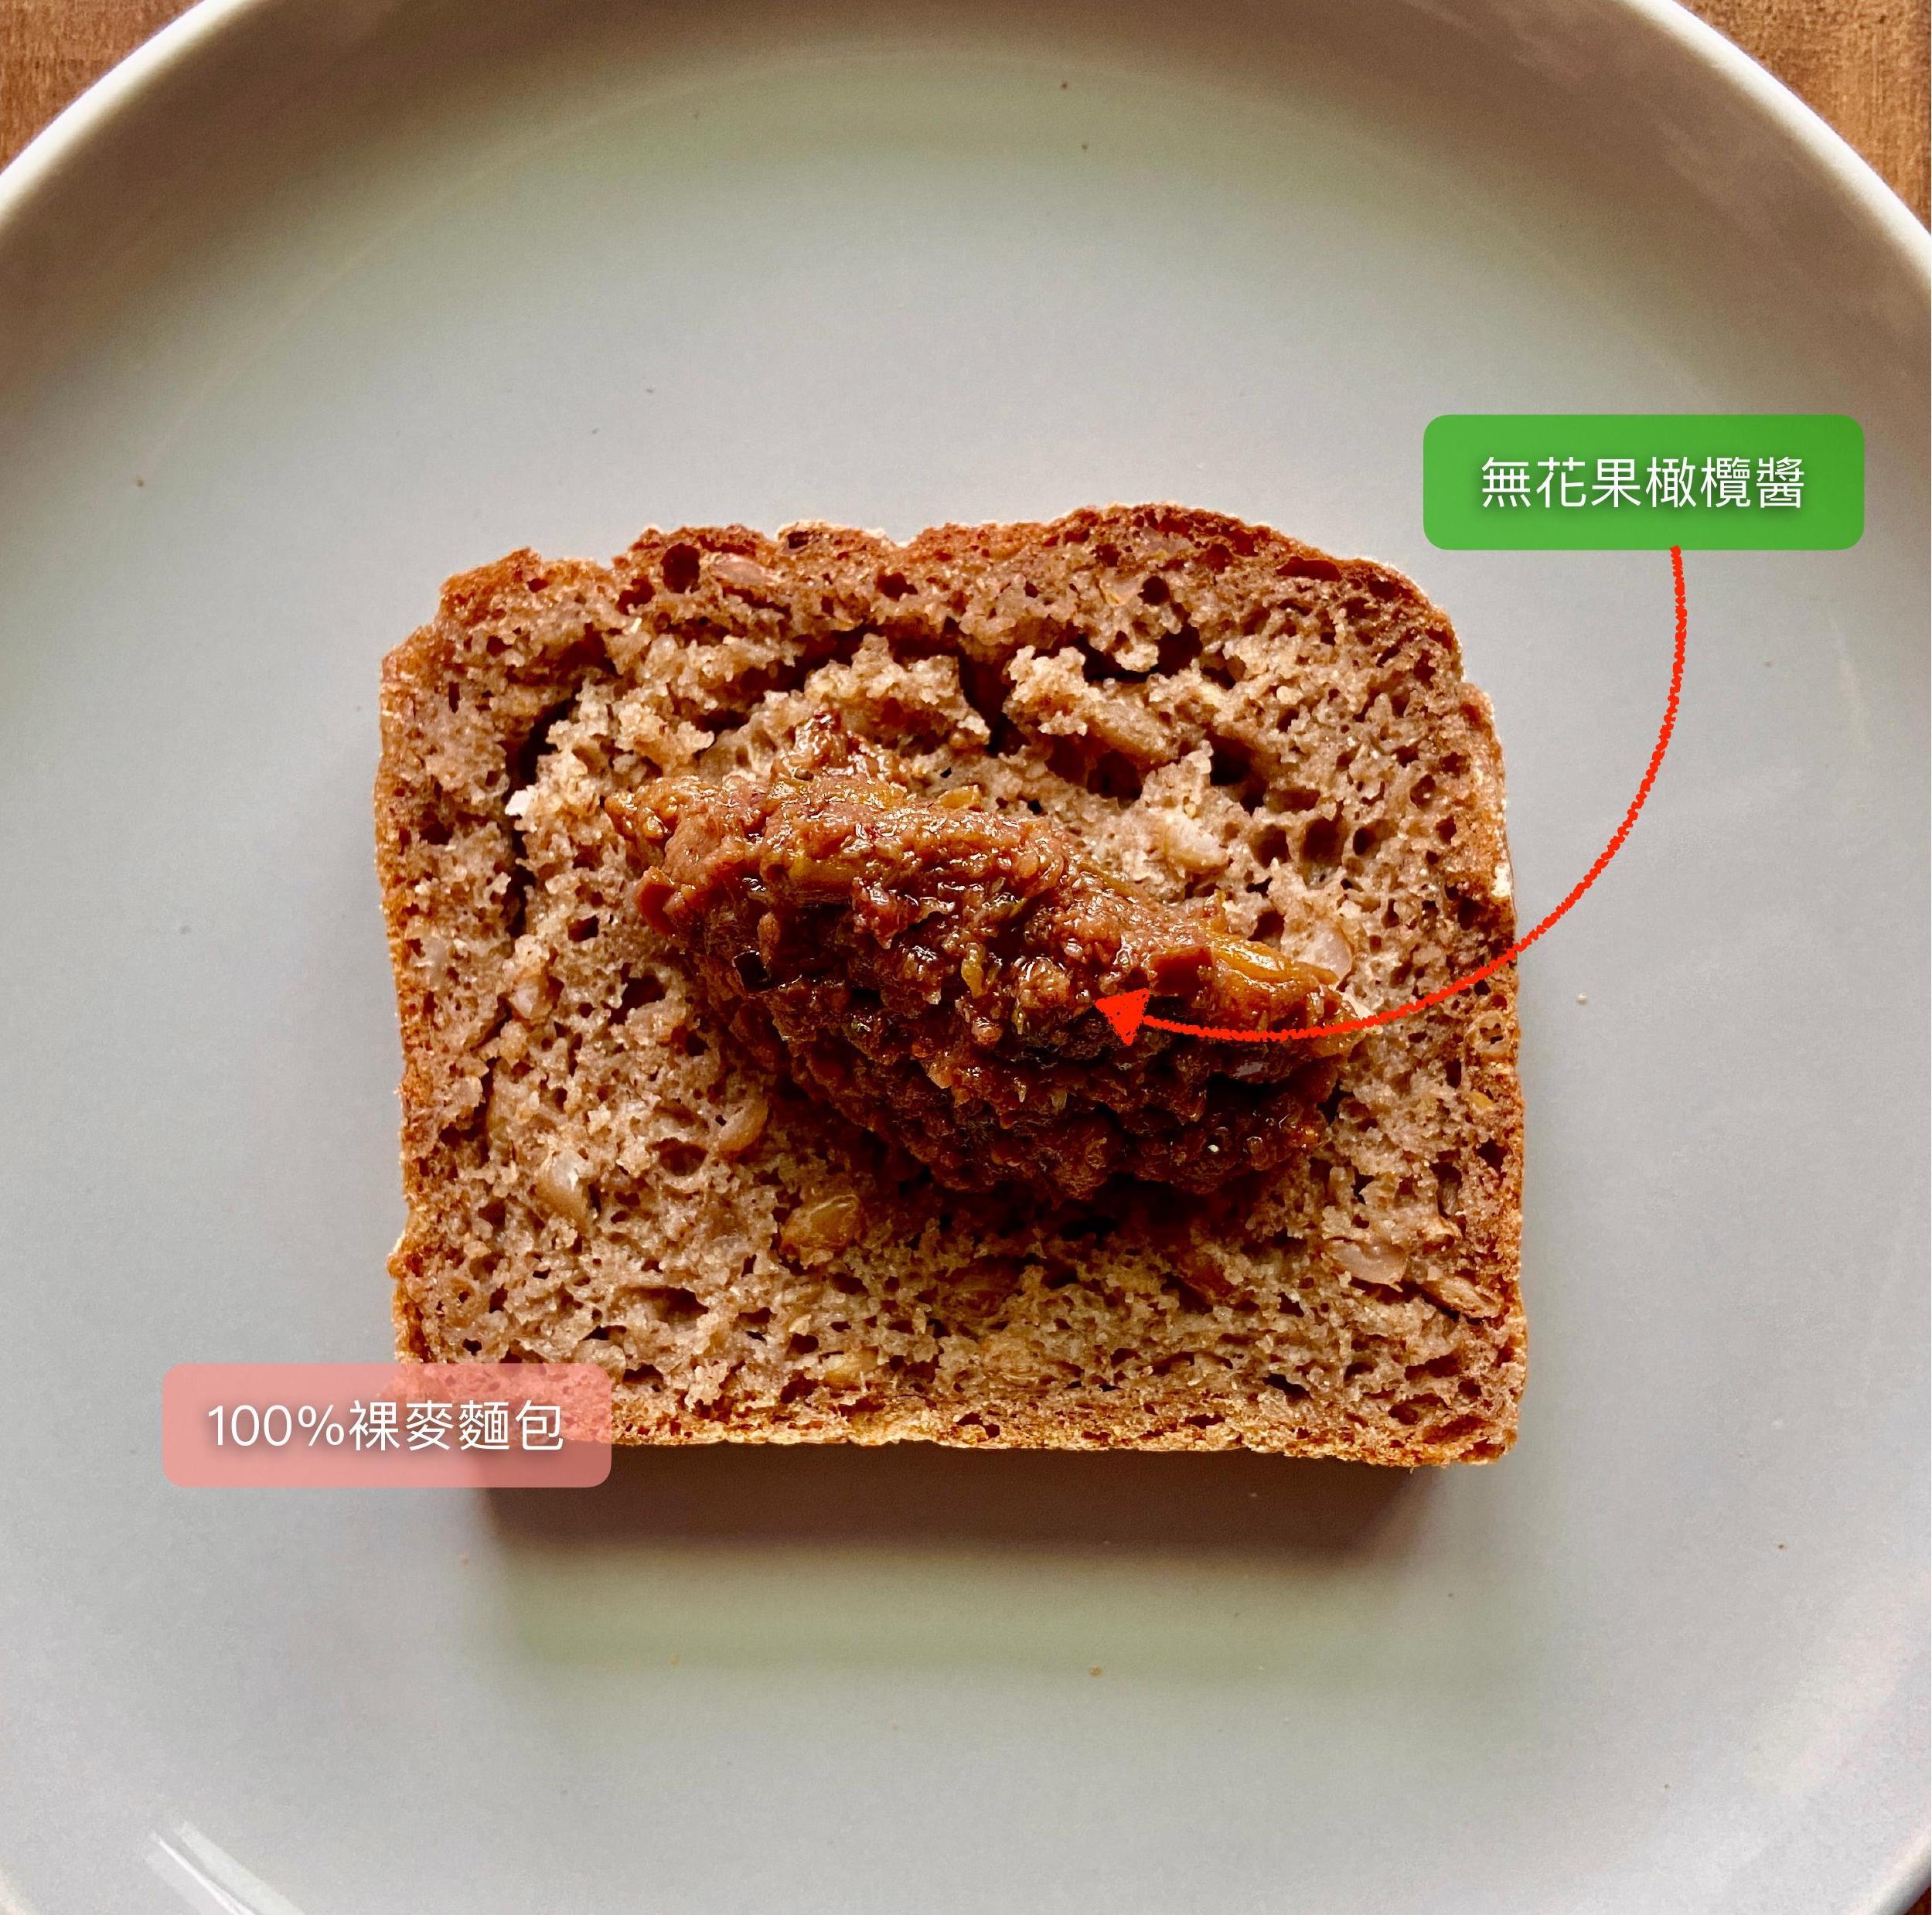 石磨麵粉與麵包配料等特色選物